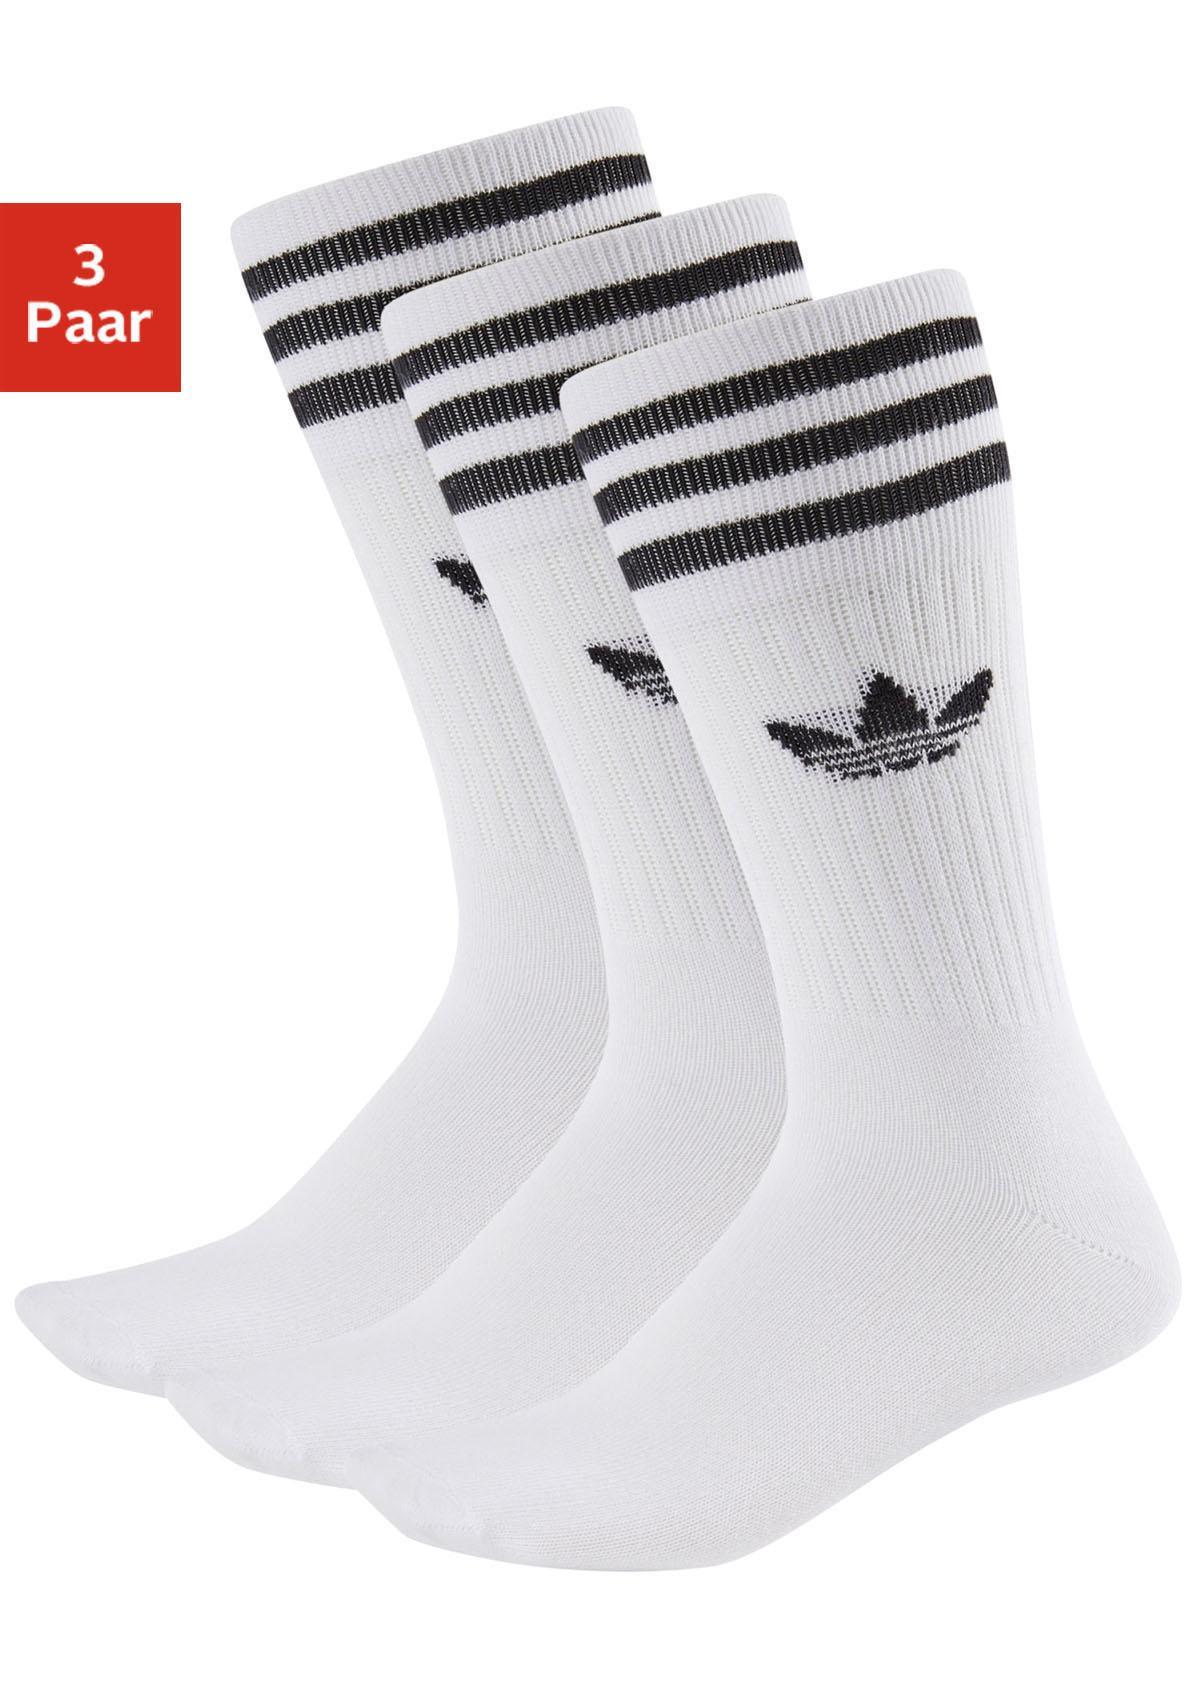 adidas Originals Socken Crew (3 Paar)